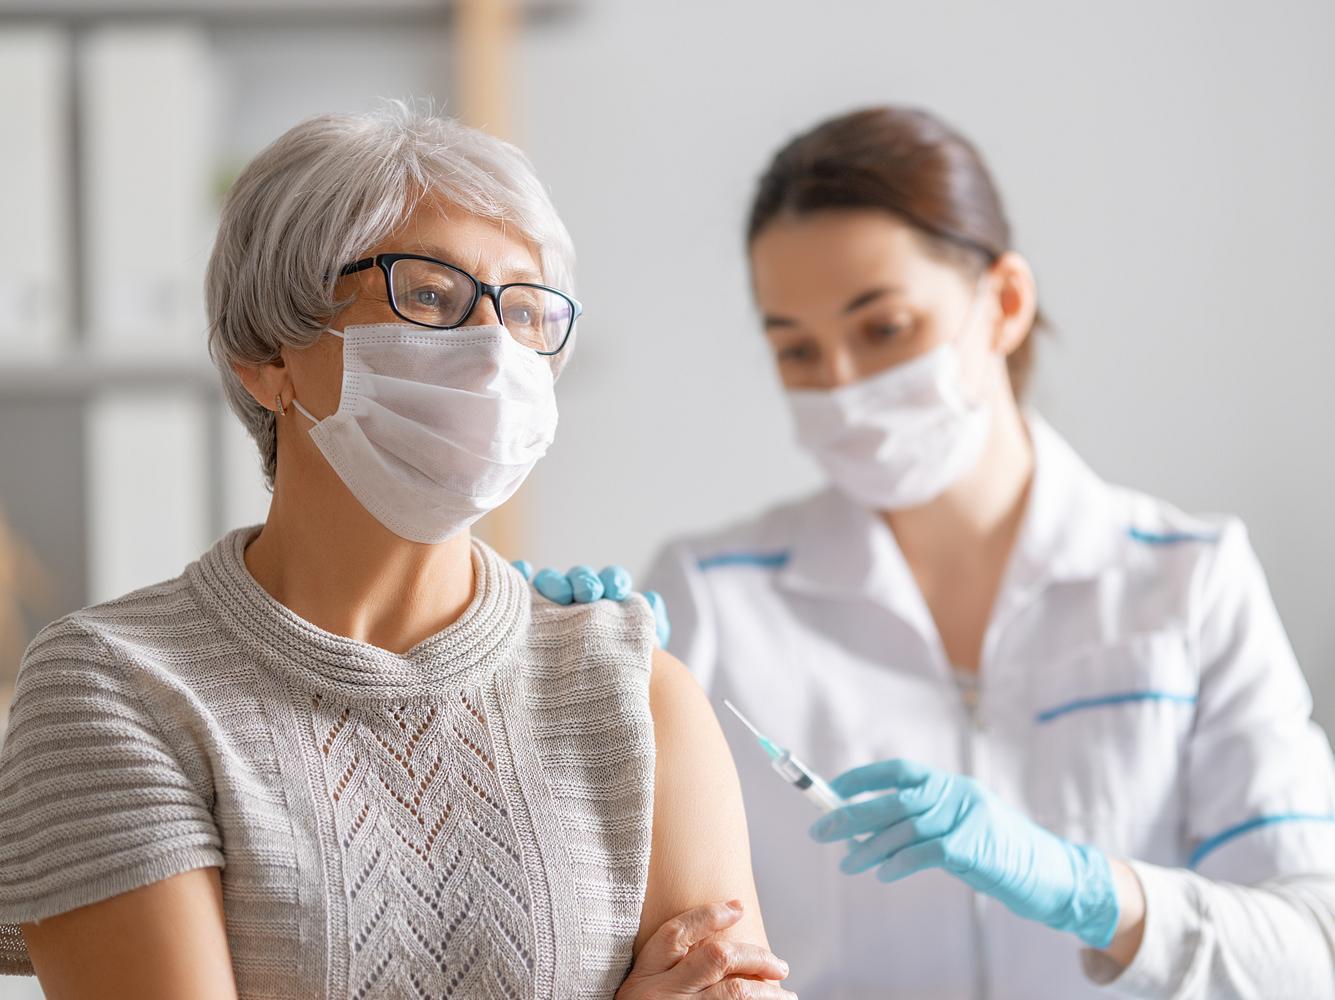 Die Corona-Impfung in Arztpraxen wird nur schleppend vorangehen.